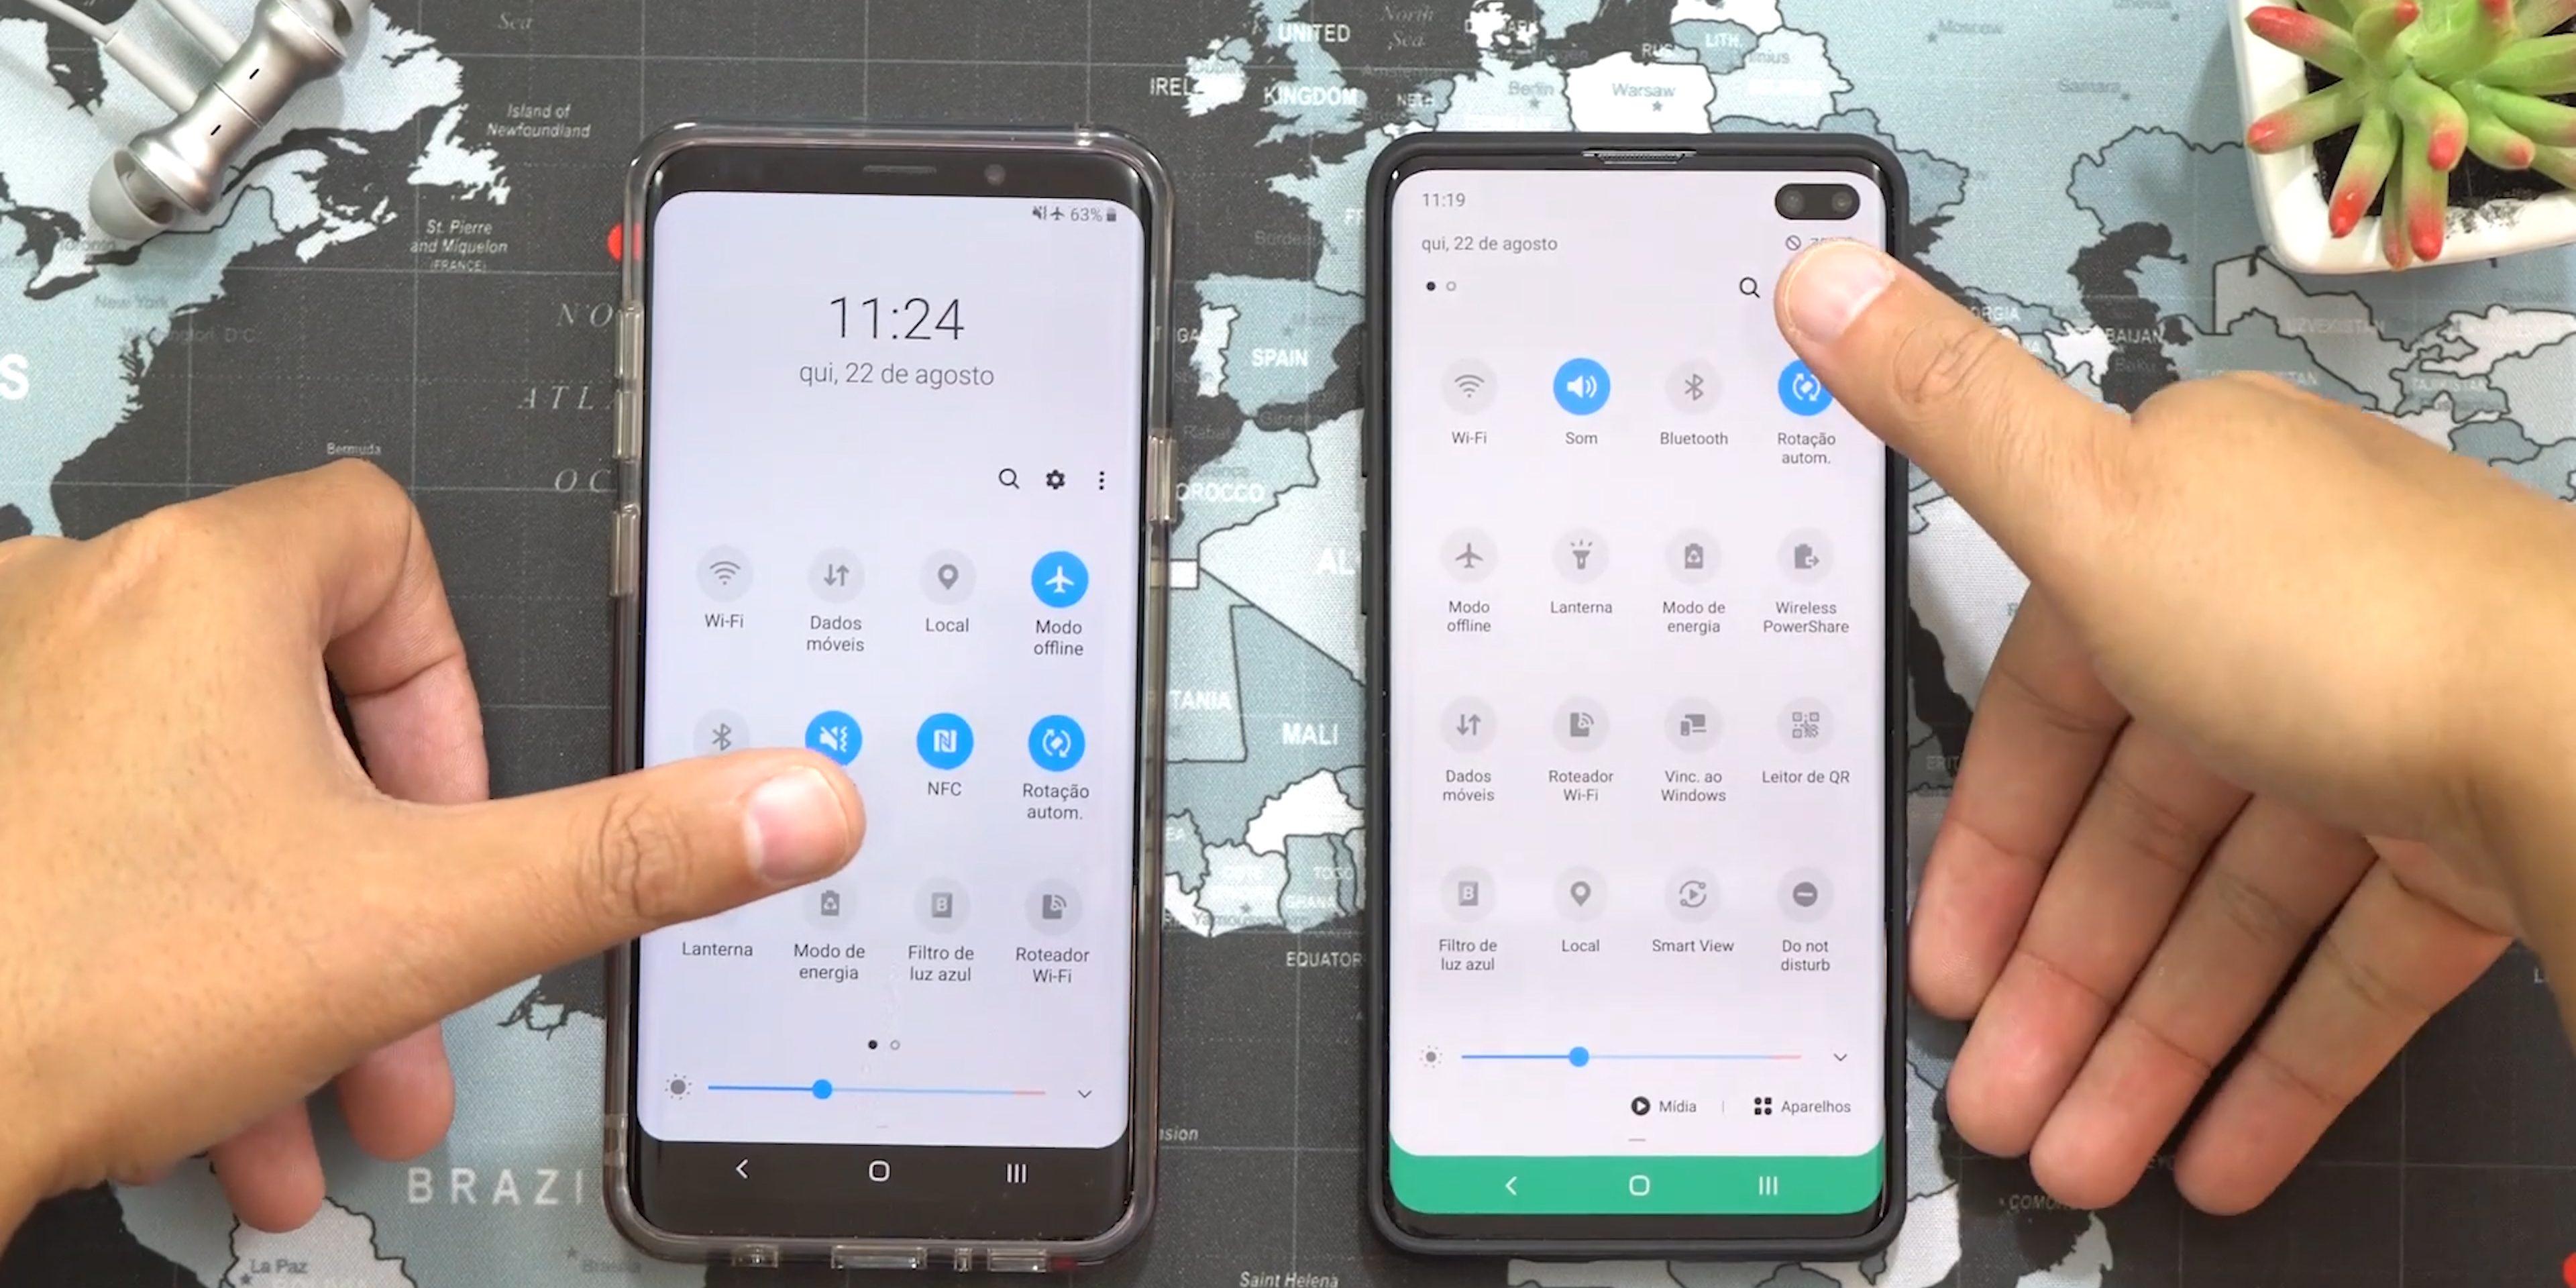 Bir UI 2.0 Android 10 hızlı ayar geçişi